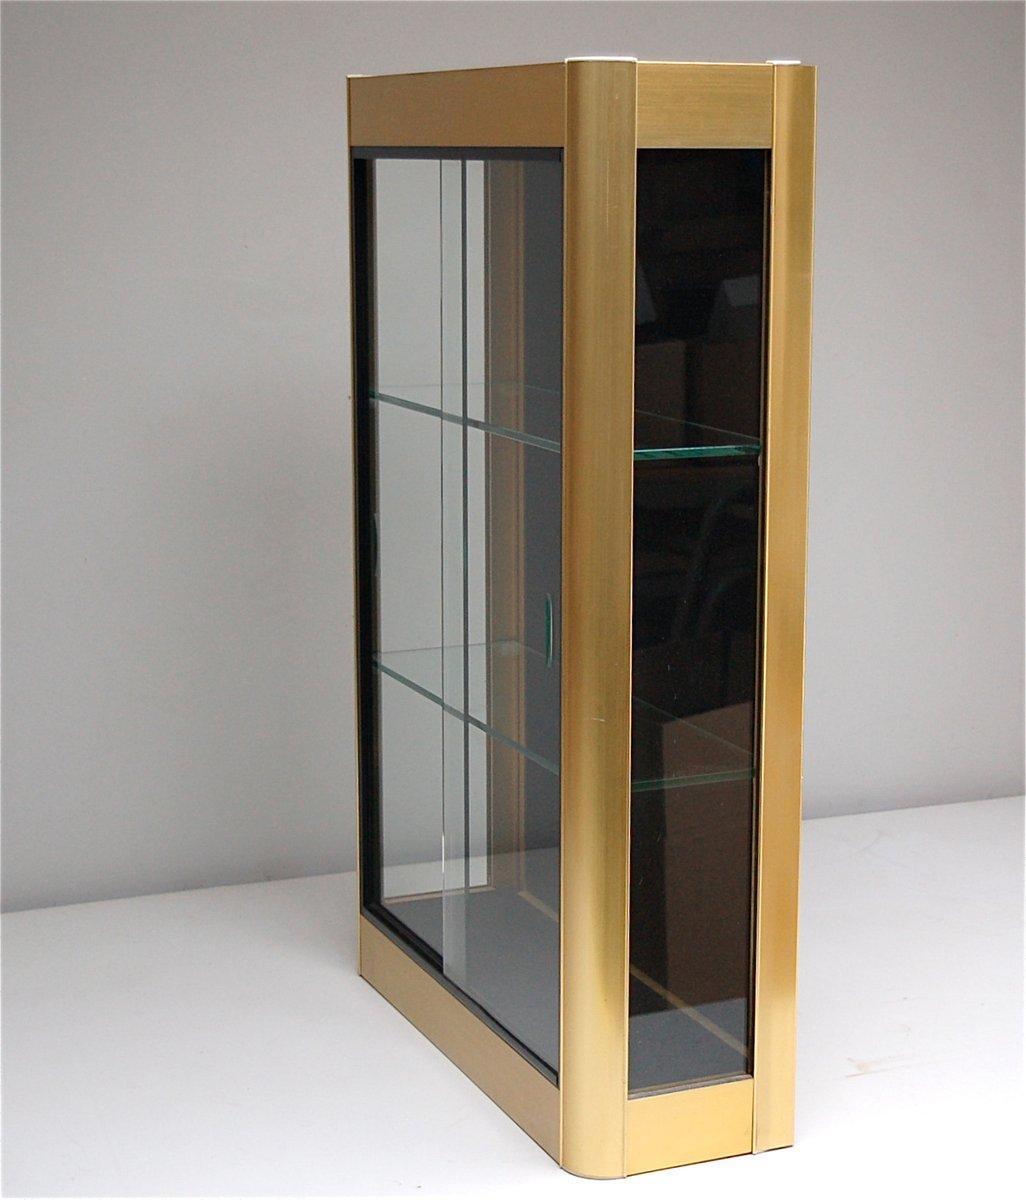 goldener wand vitrinenschrank mit glas schiebet ren. Black Bedroom Furniture Sets. Home Design Ideas